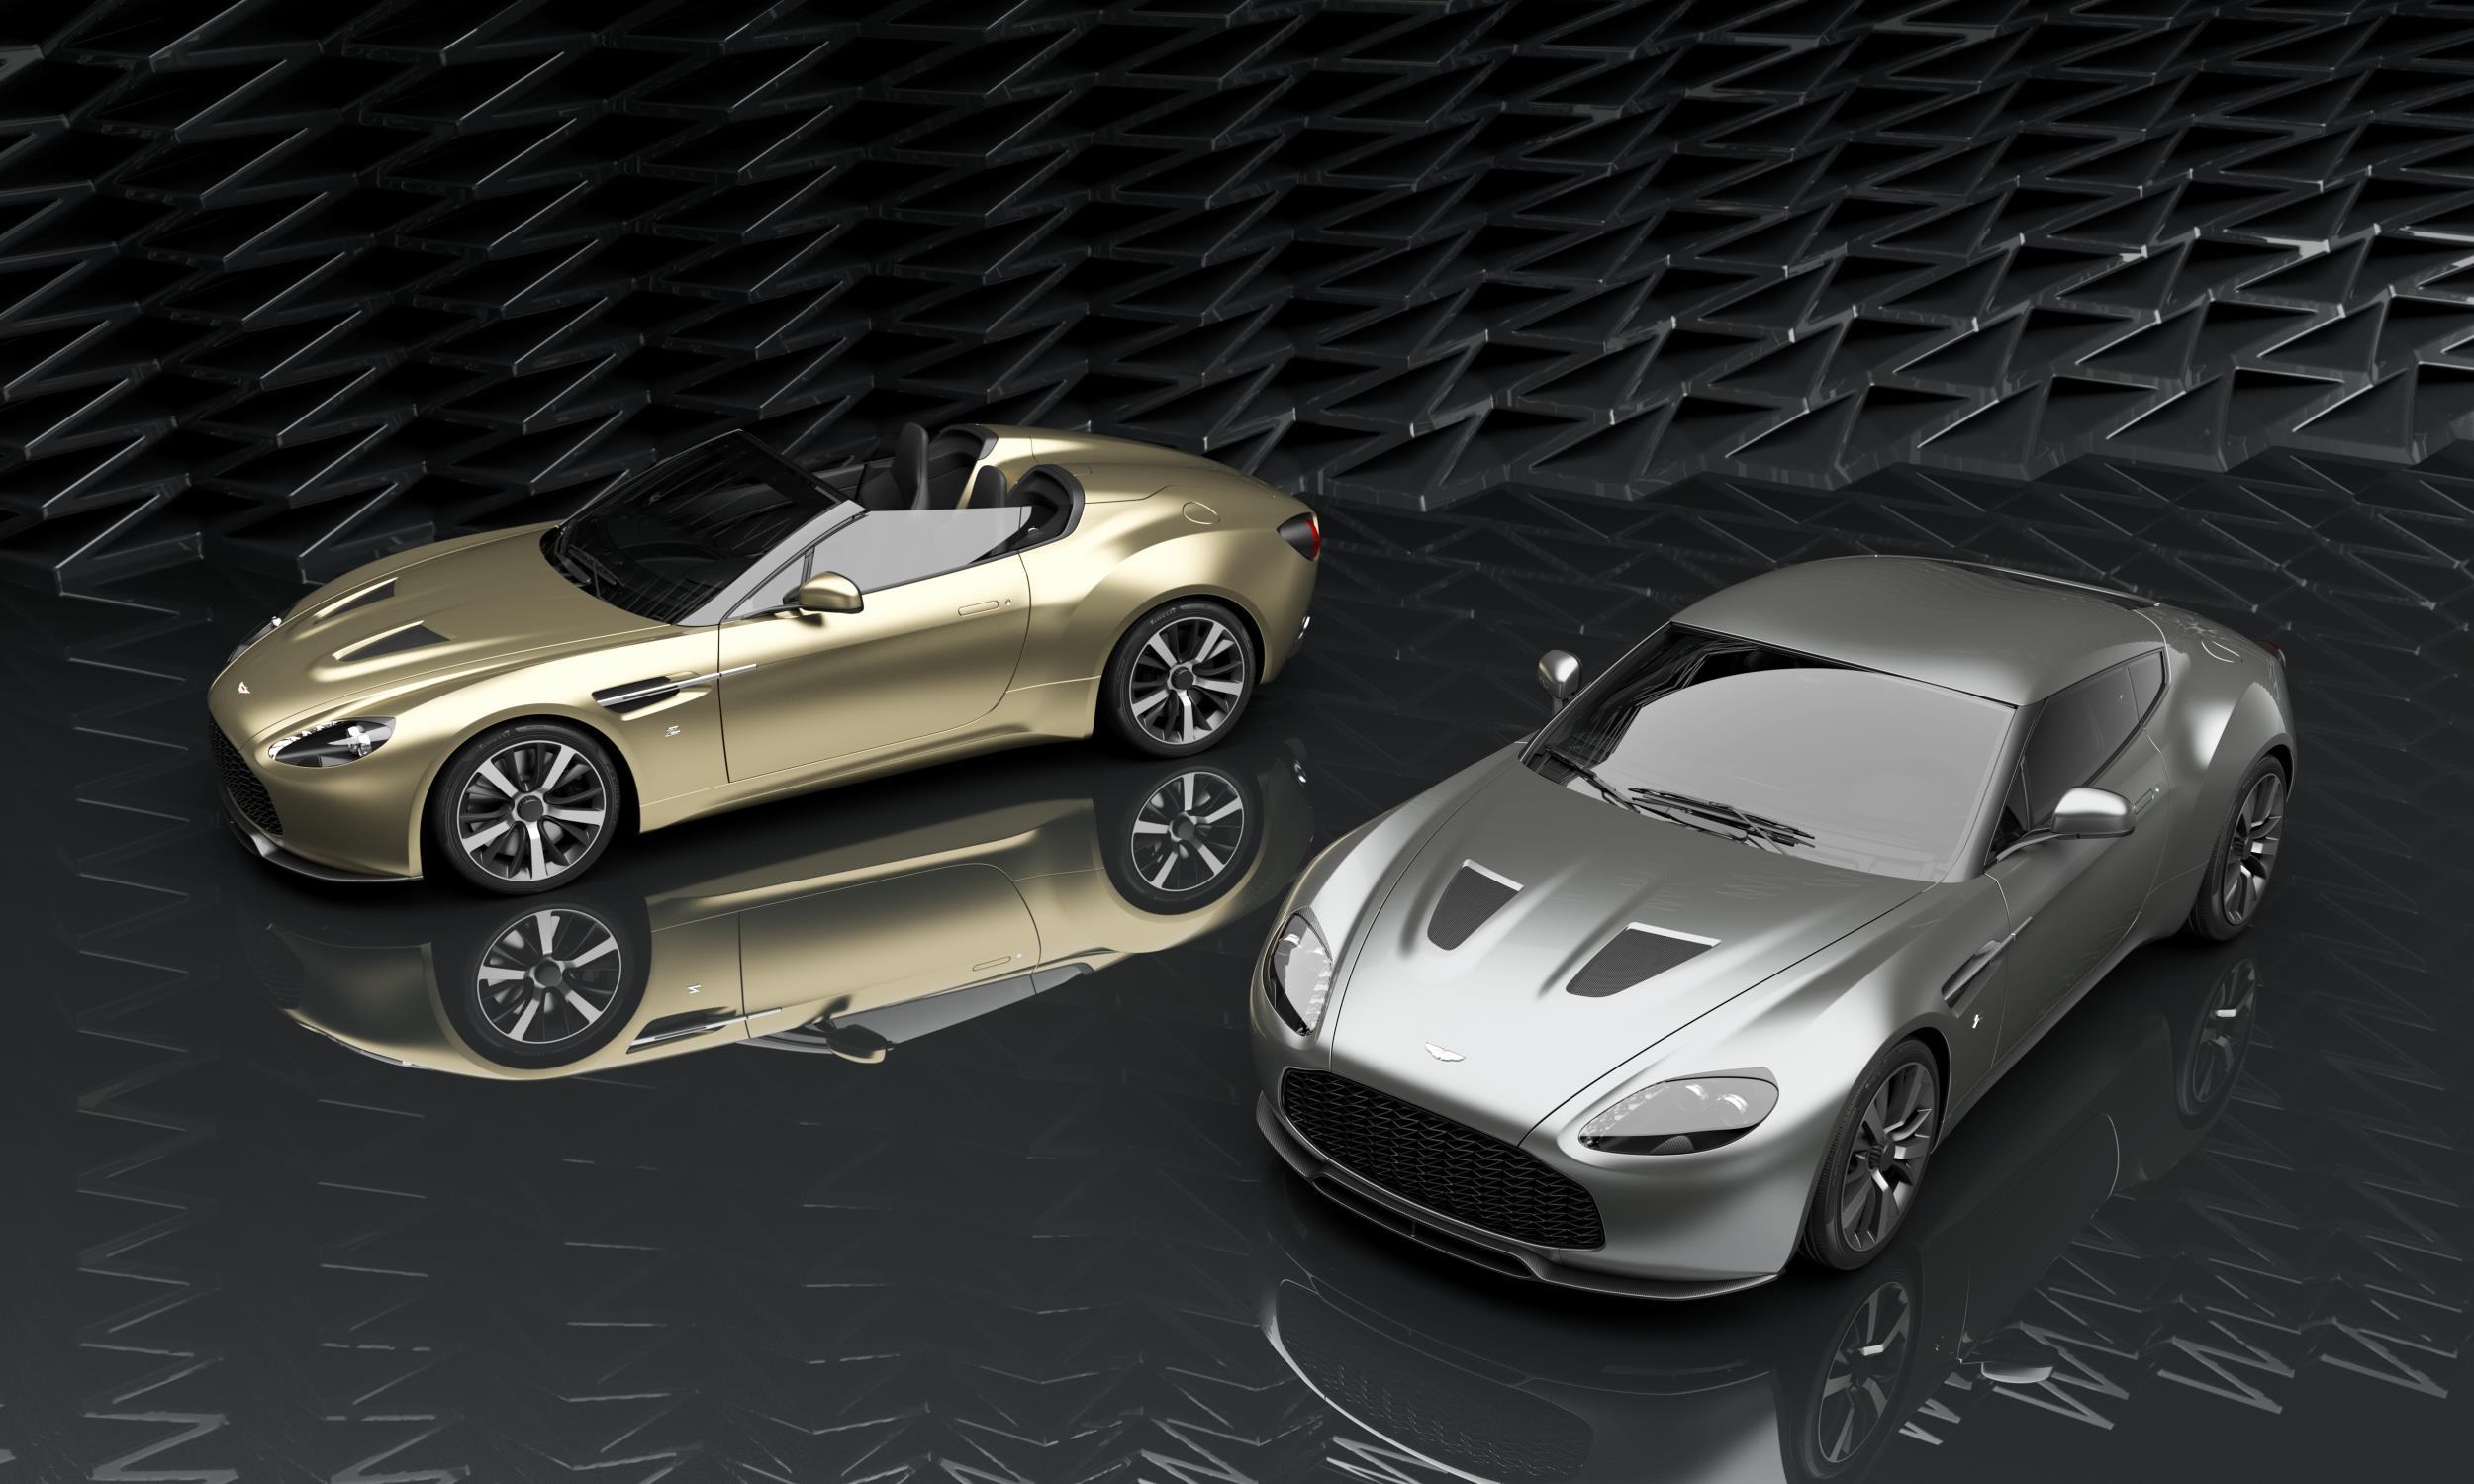 Aston Martin Zagato models